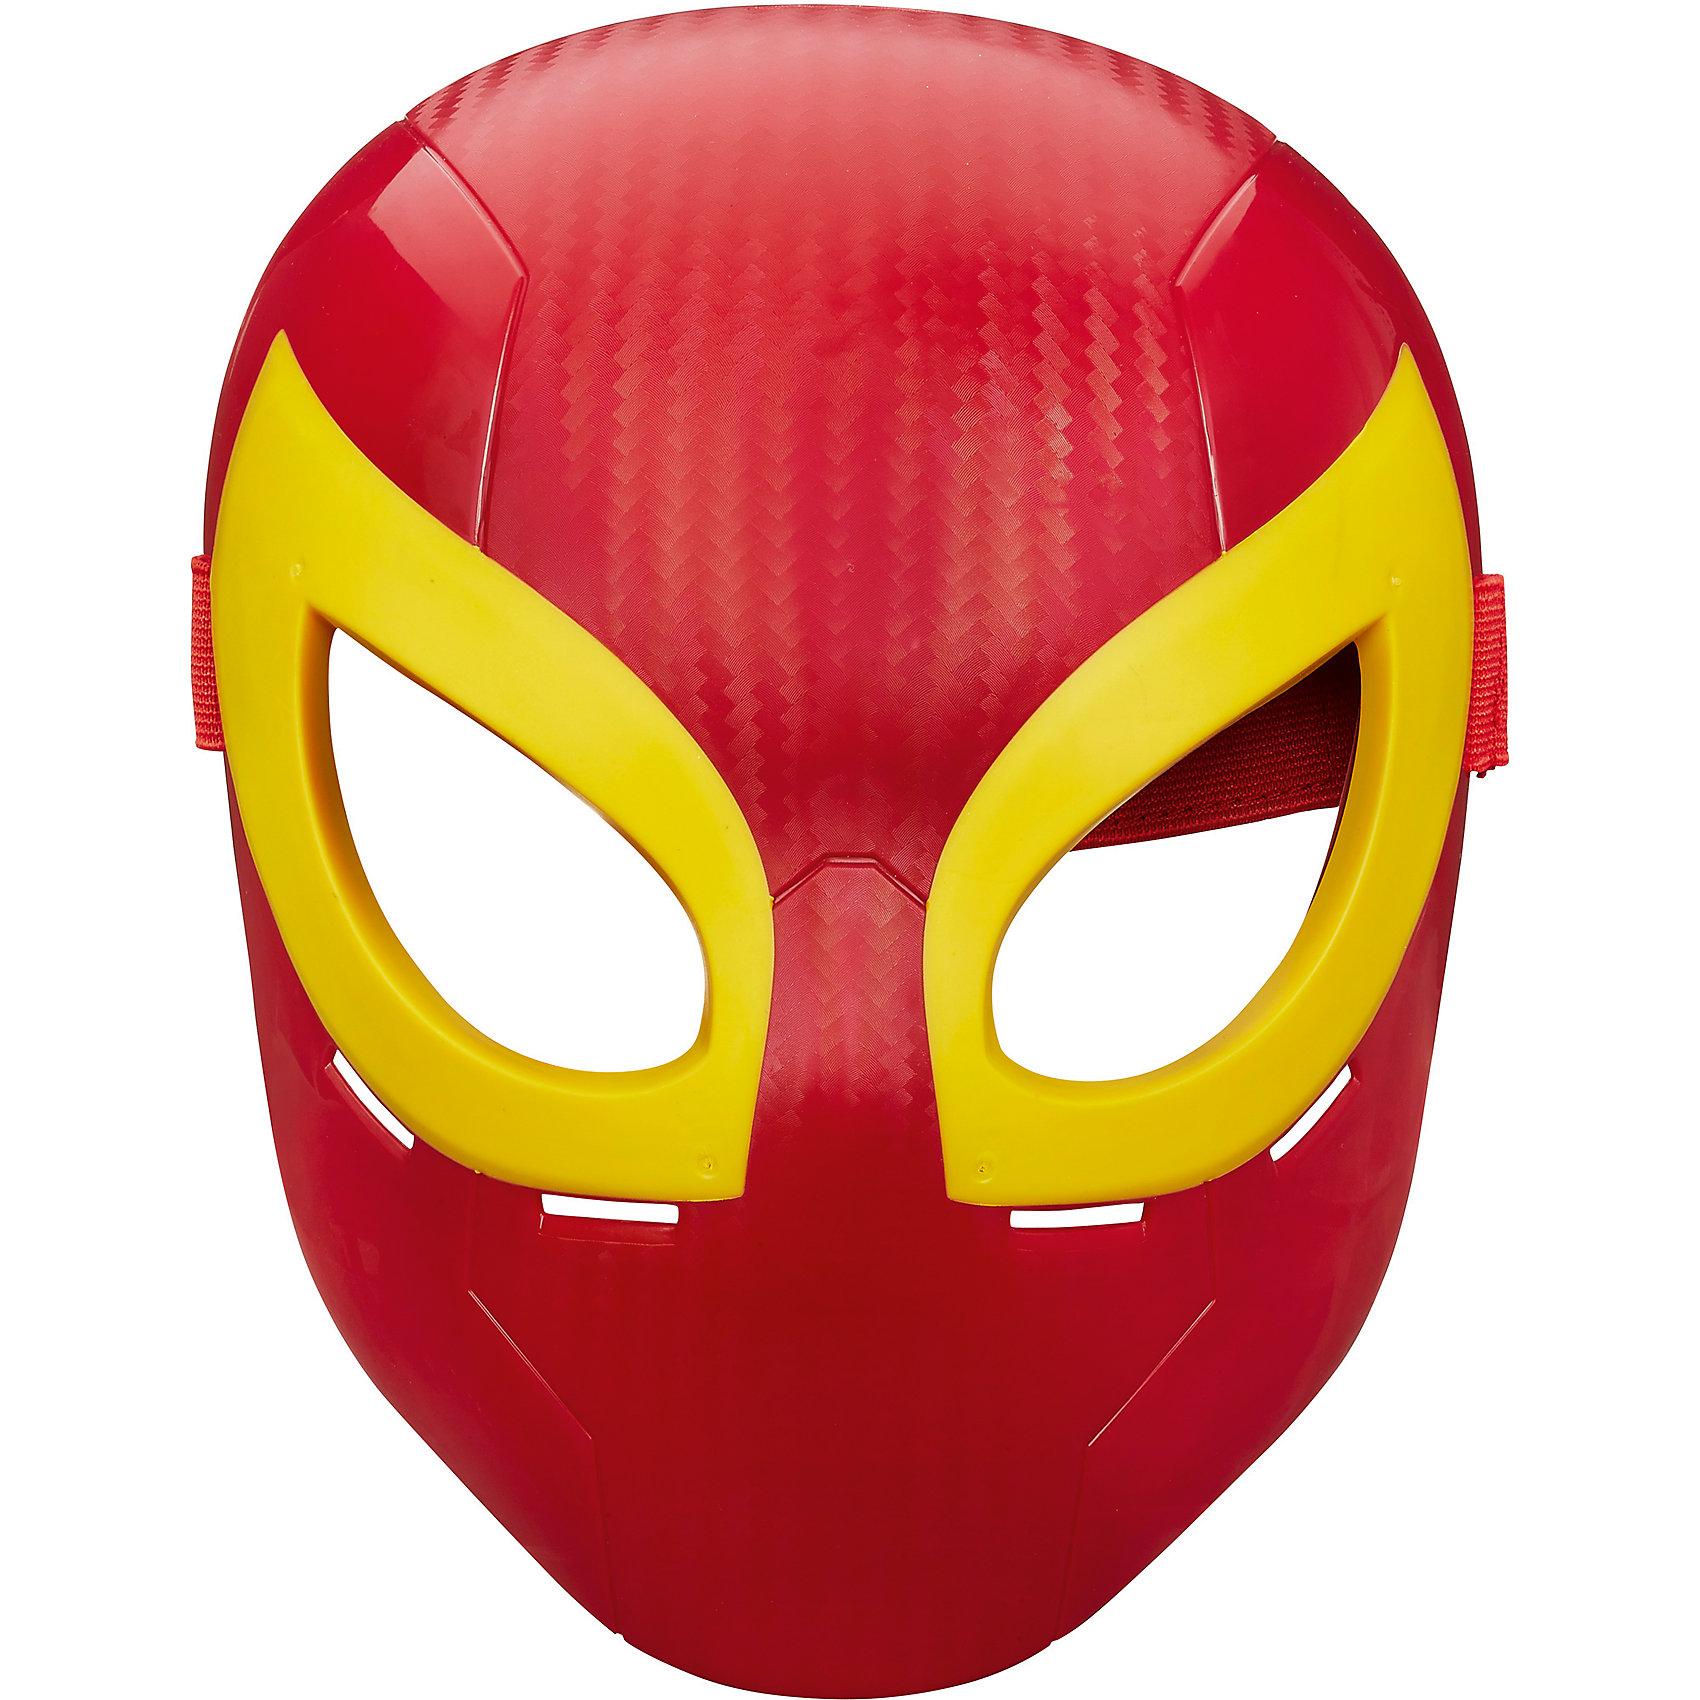 Базовая маска Человека-паука, B0566/B1250В этой крутой маске каждый может почувствовать себя настоящим Человеком Пауком и погрузиться в атмосферу захватывающего мультфильма. Маска выполнена из высококачественного пластика, хорошо держится на лице, имеет универсальный размер.  Дополнительная информация:  - Материал: пластик. - Размер: 18 см х 22 см х 9 см. - Крепится на лице с помощью широкой резинки.  Базовую маску Человека-паука (Spider-Man) можно купить в нашем магазине.<br><br>Ширина мм: 93<br>Глубина мм: 250<br>Высота мм: 196<br>Вес г: 4557<br>Возраст от месяцев: 48<br>Возраст до месяцев: 144<br>Пол: Мужской<br>Возраст: Детский<br>SKU: 4833585